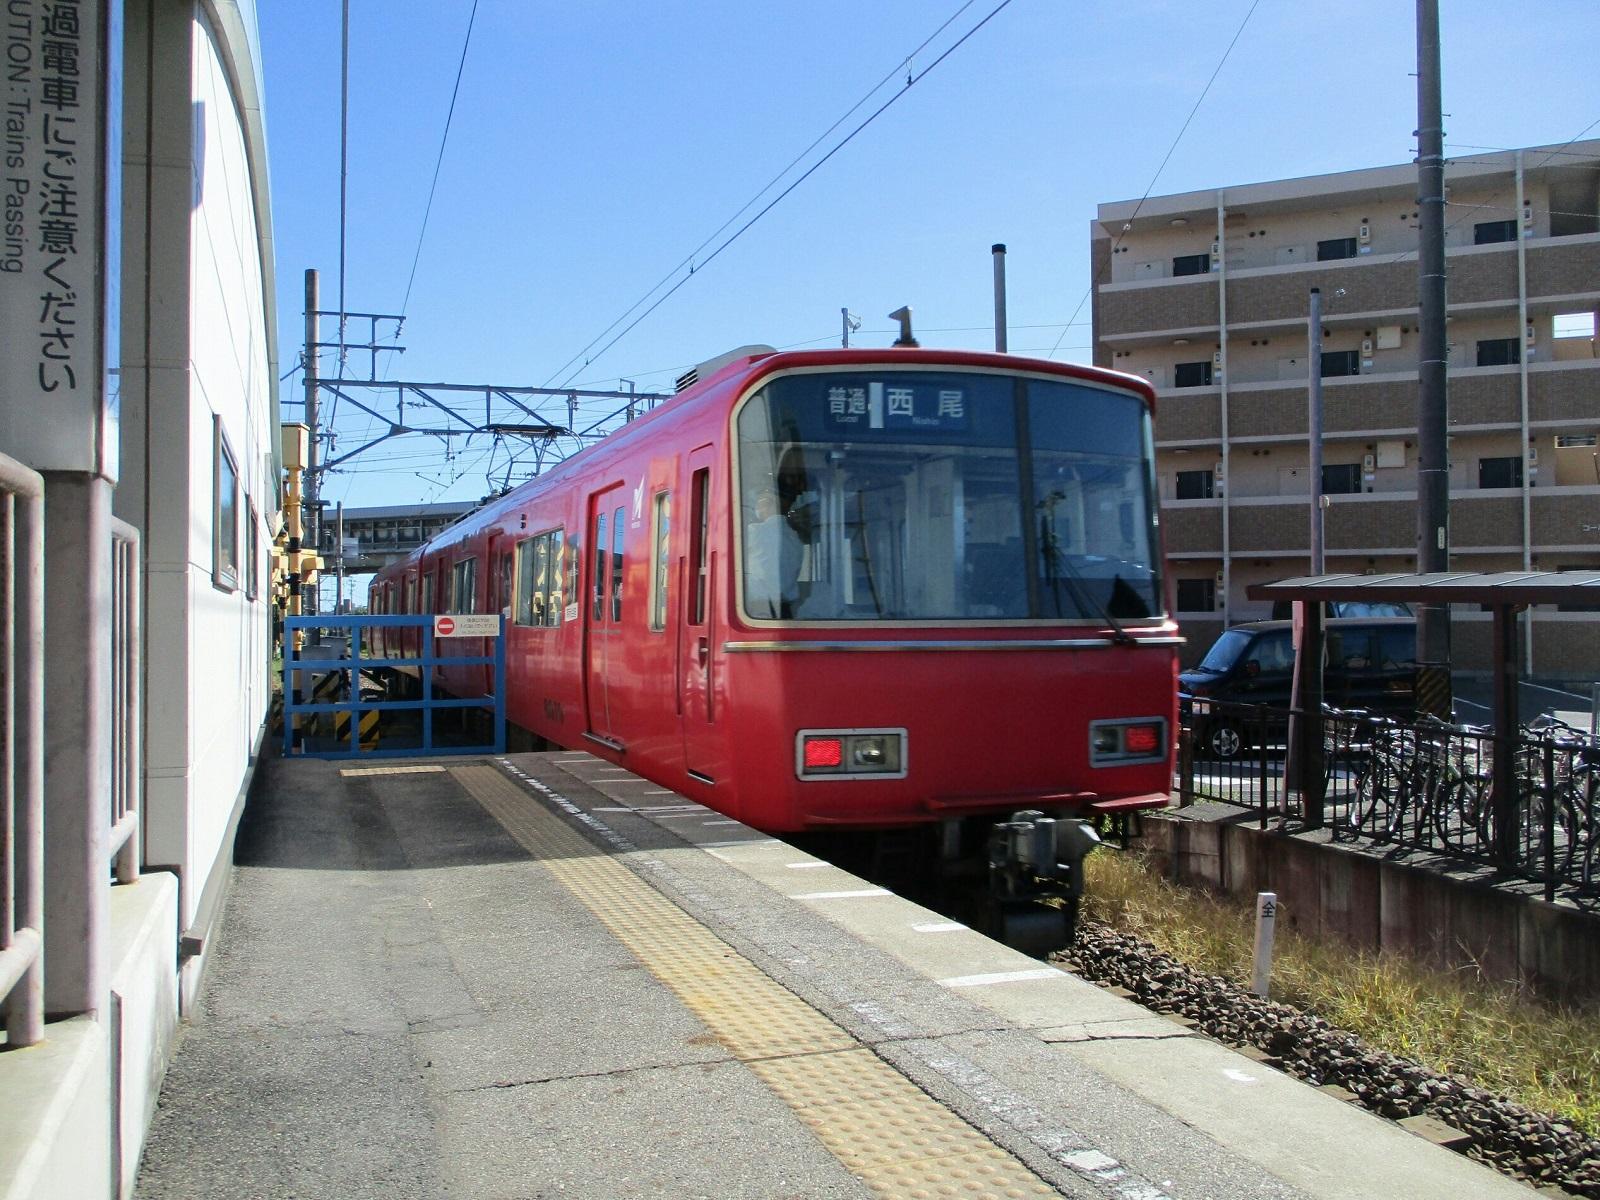 2018.8.22 (28) 古井 - 西尾いきふつう 1600-1200